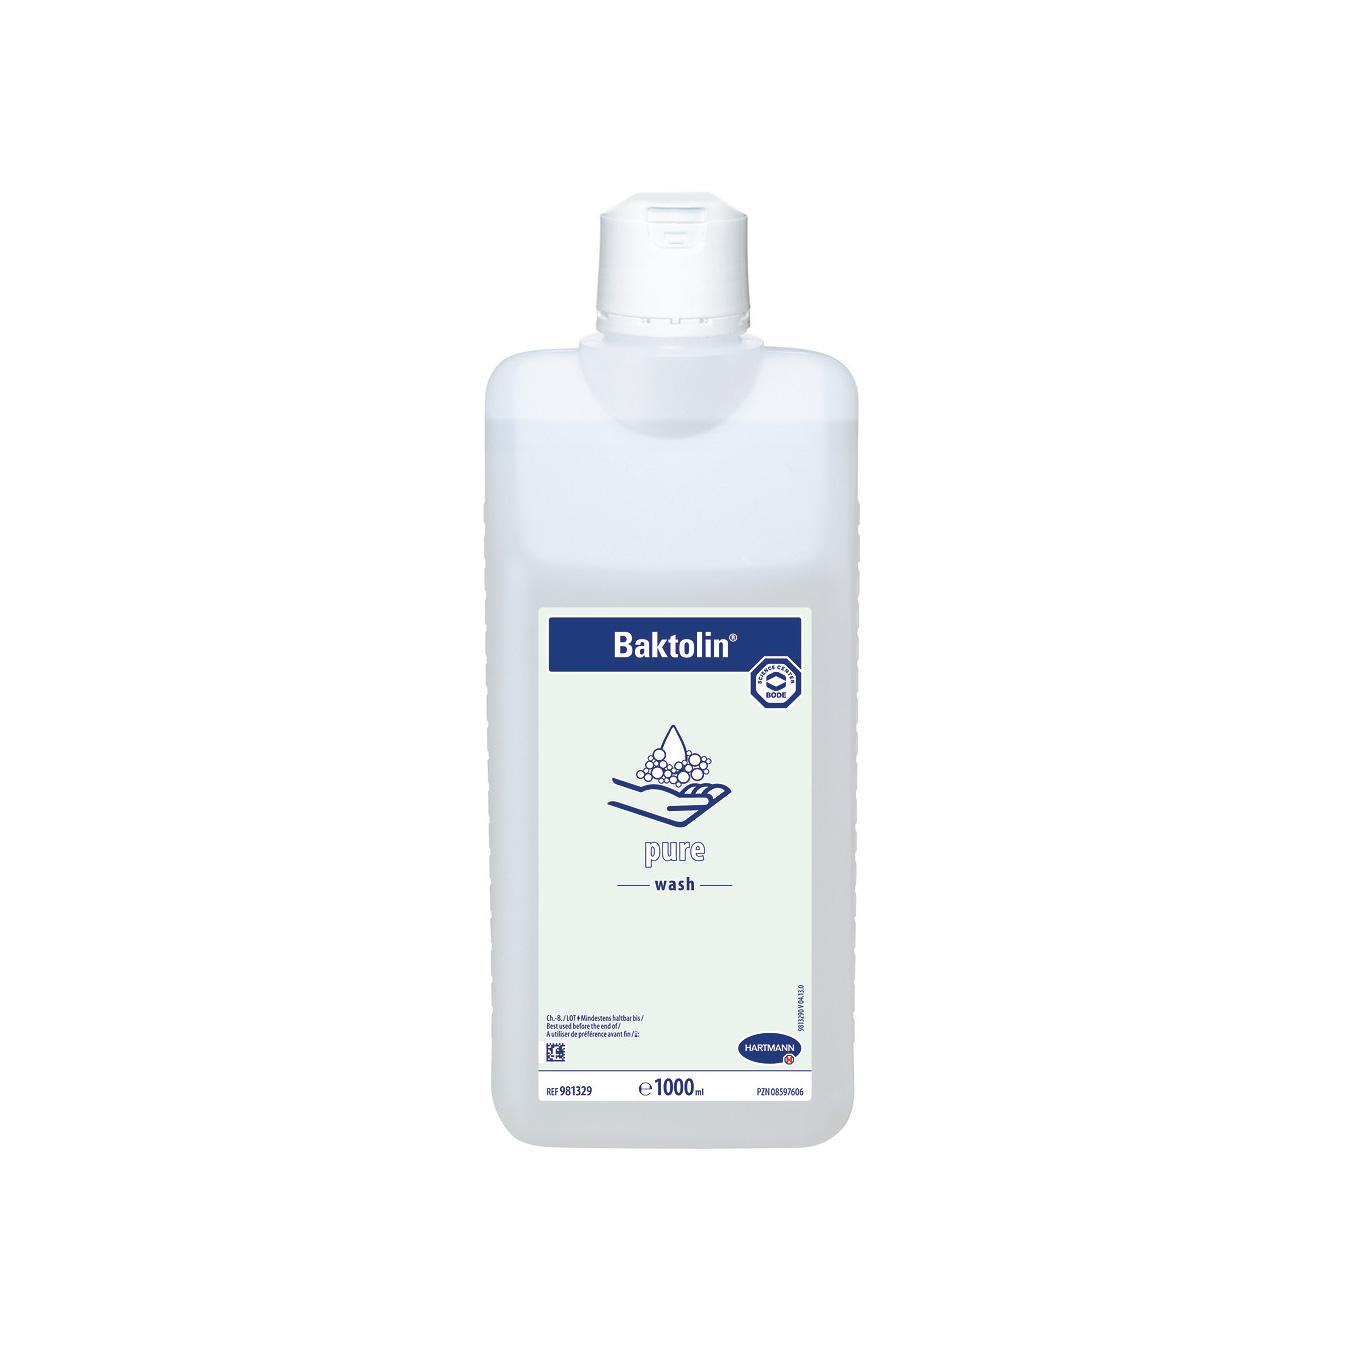 Baktolin® pure, 1 Liter Flasche